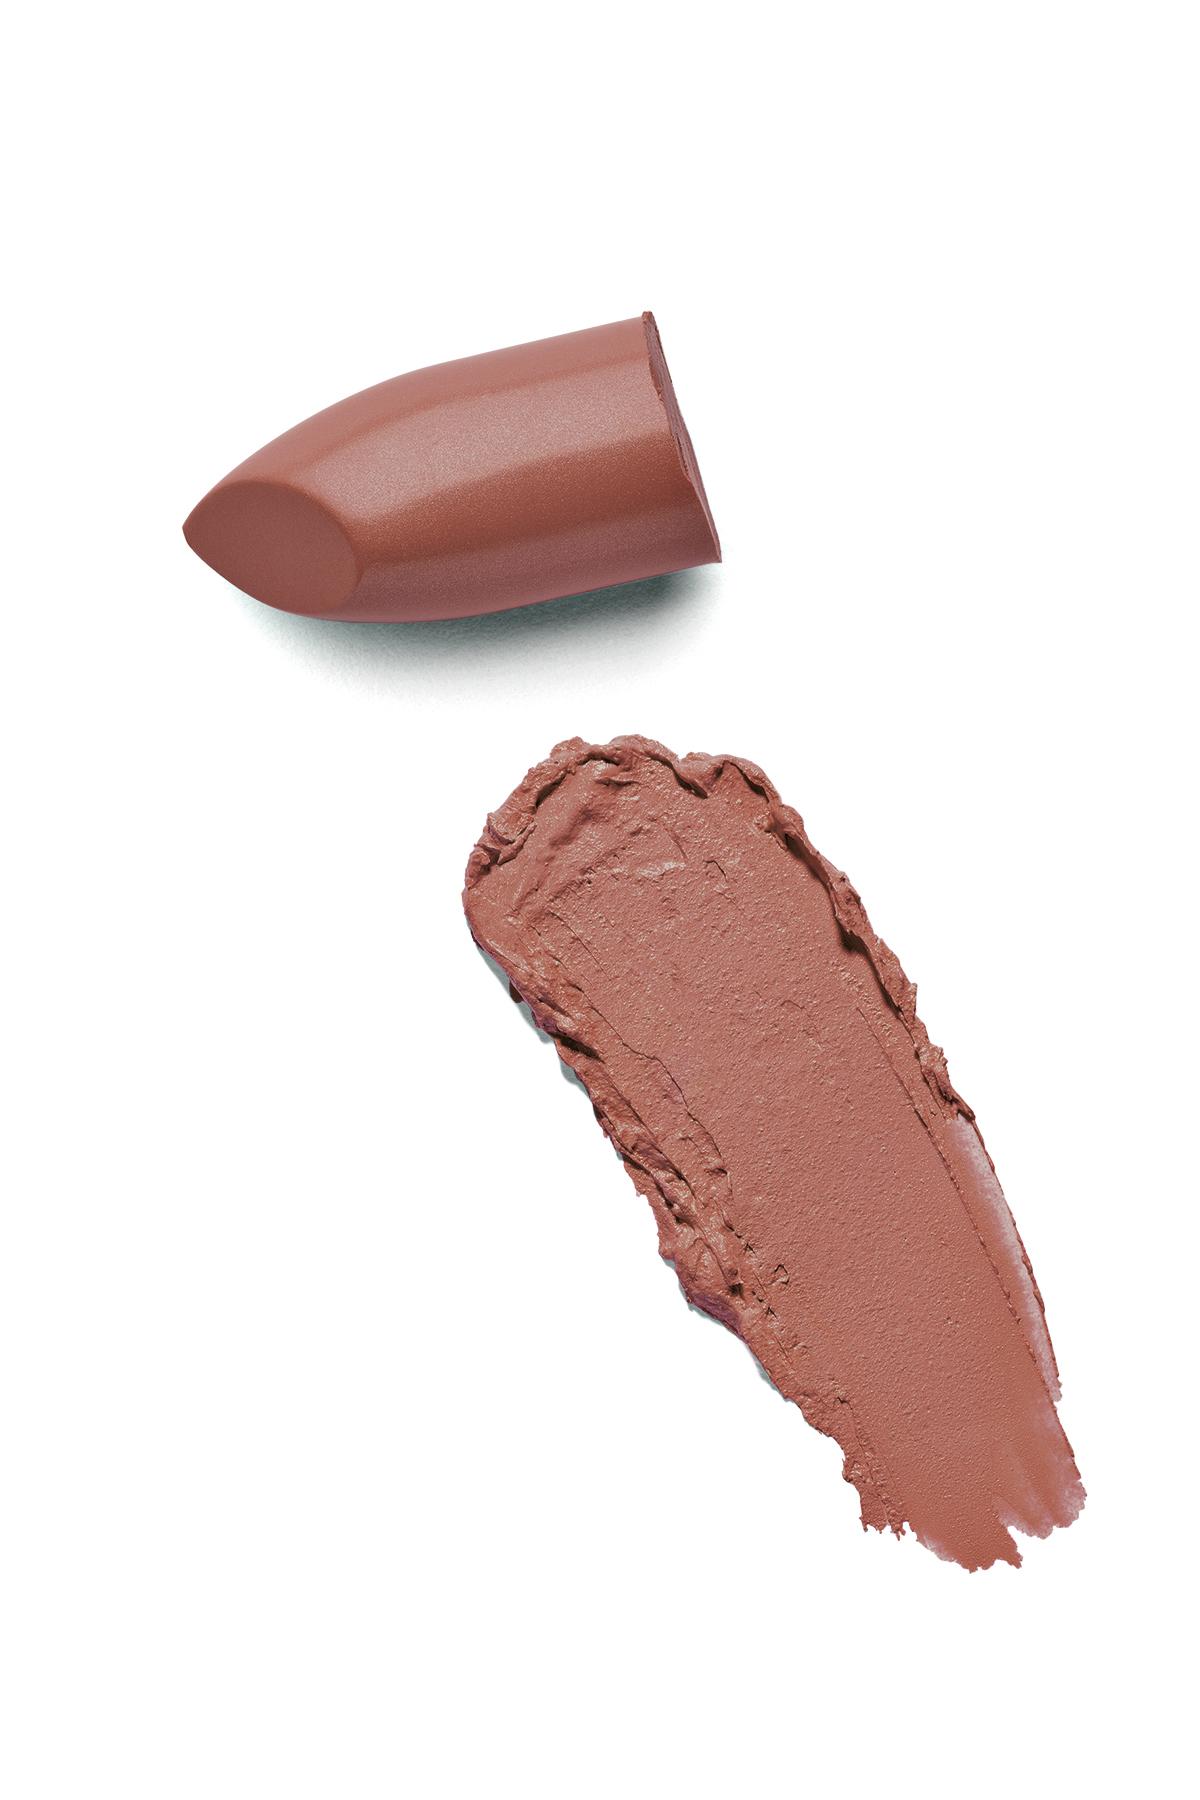 Matte Lipstick - 173 -Ruj - Lipstick